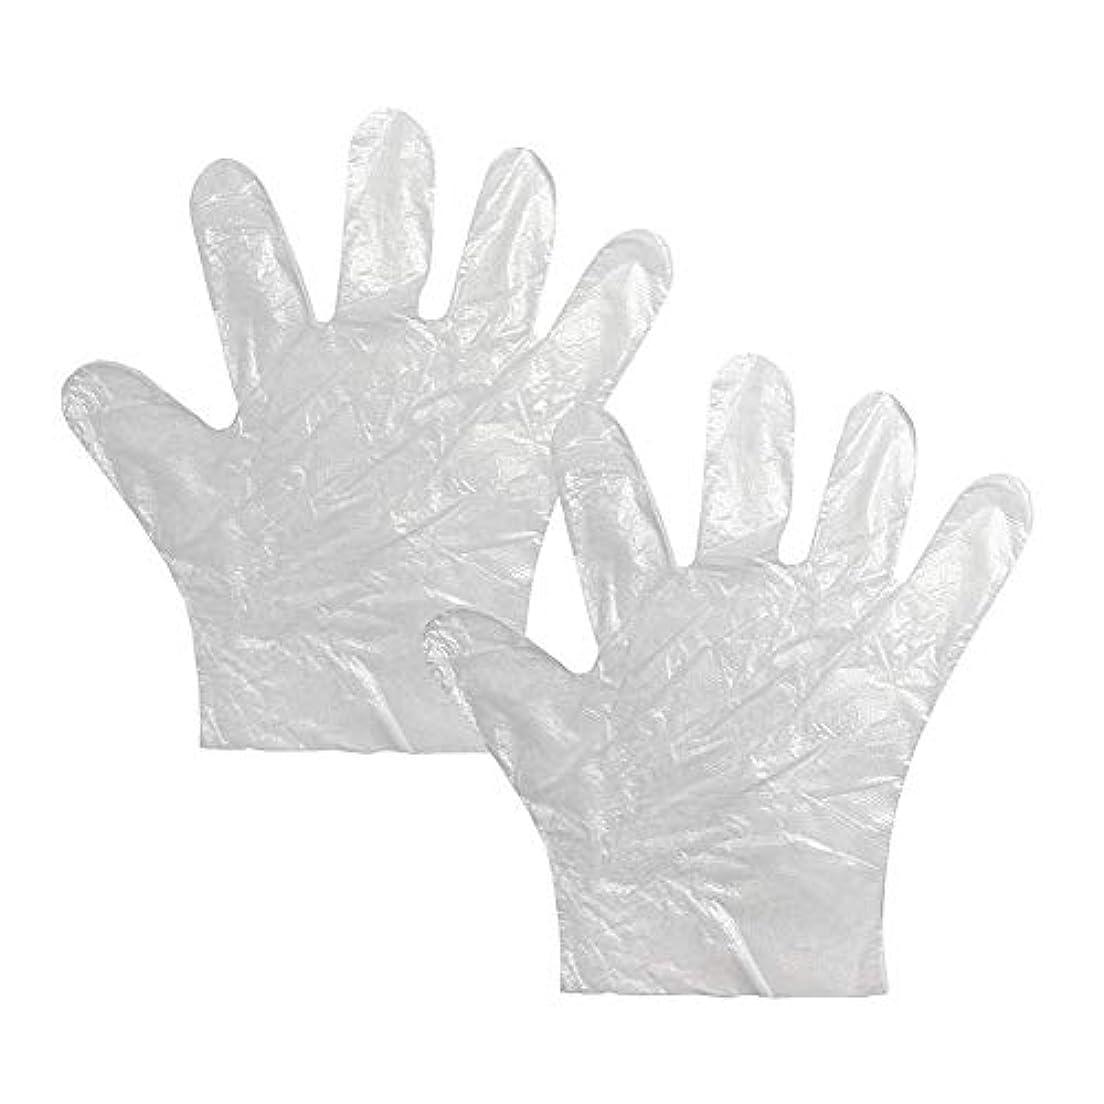 つなぐ自然公園ポール使い捨て手袋 極薄ビニール手袋 ポリエチレン 透明 実用 衛生 100枚*2セット